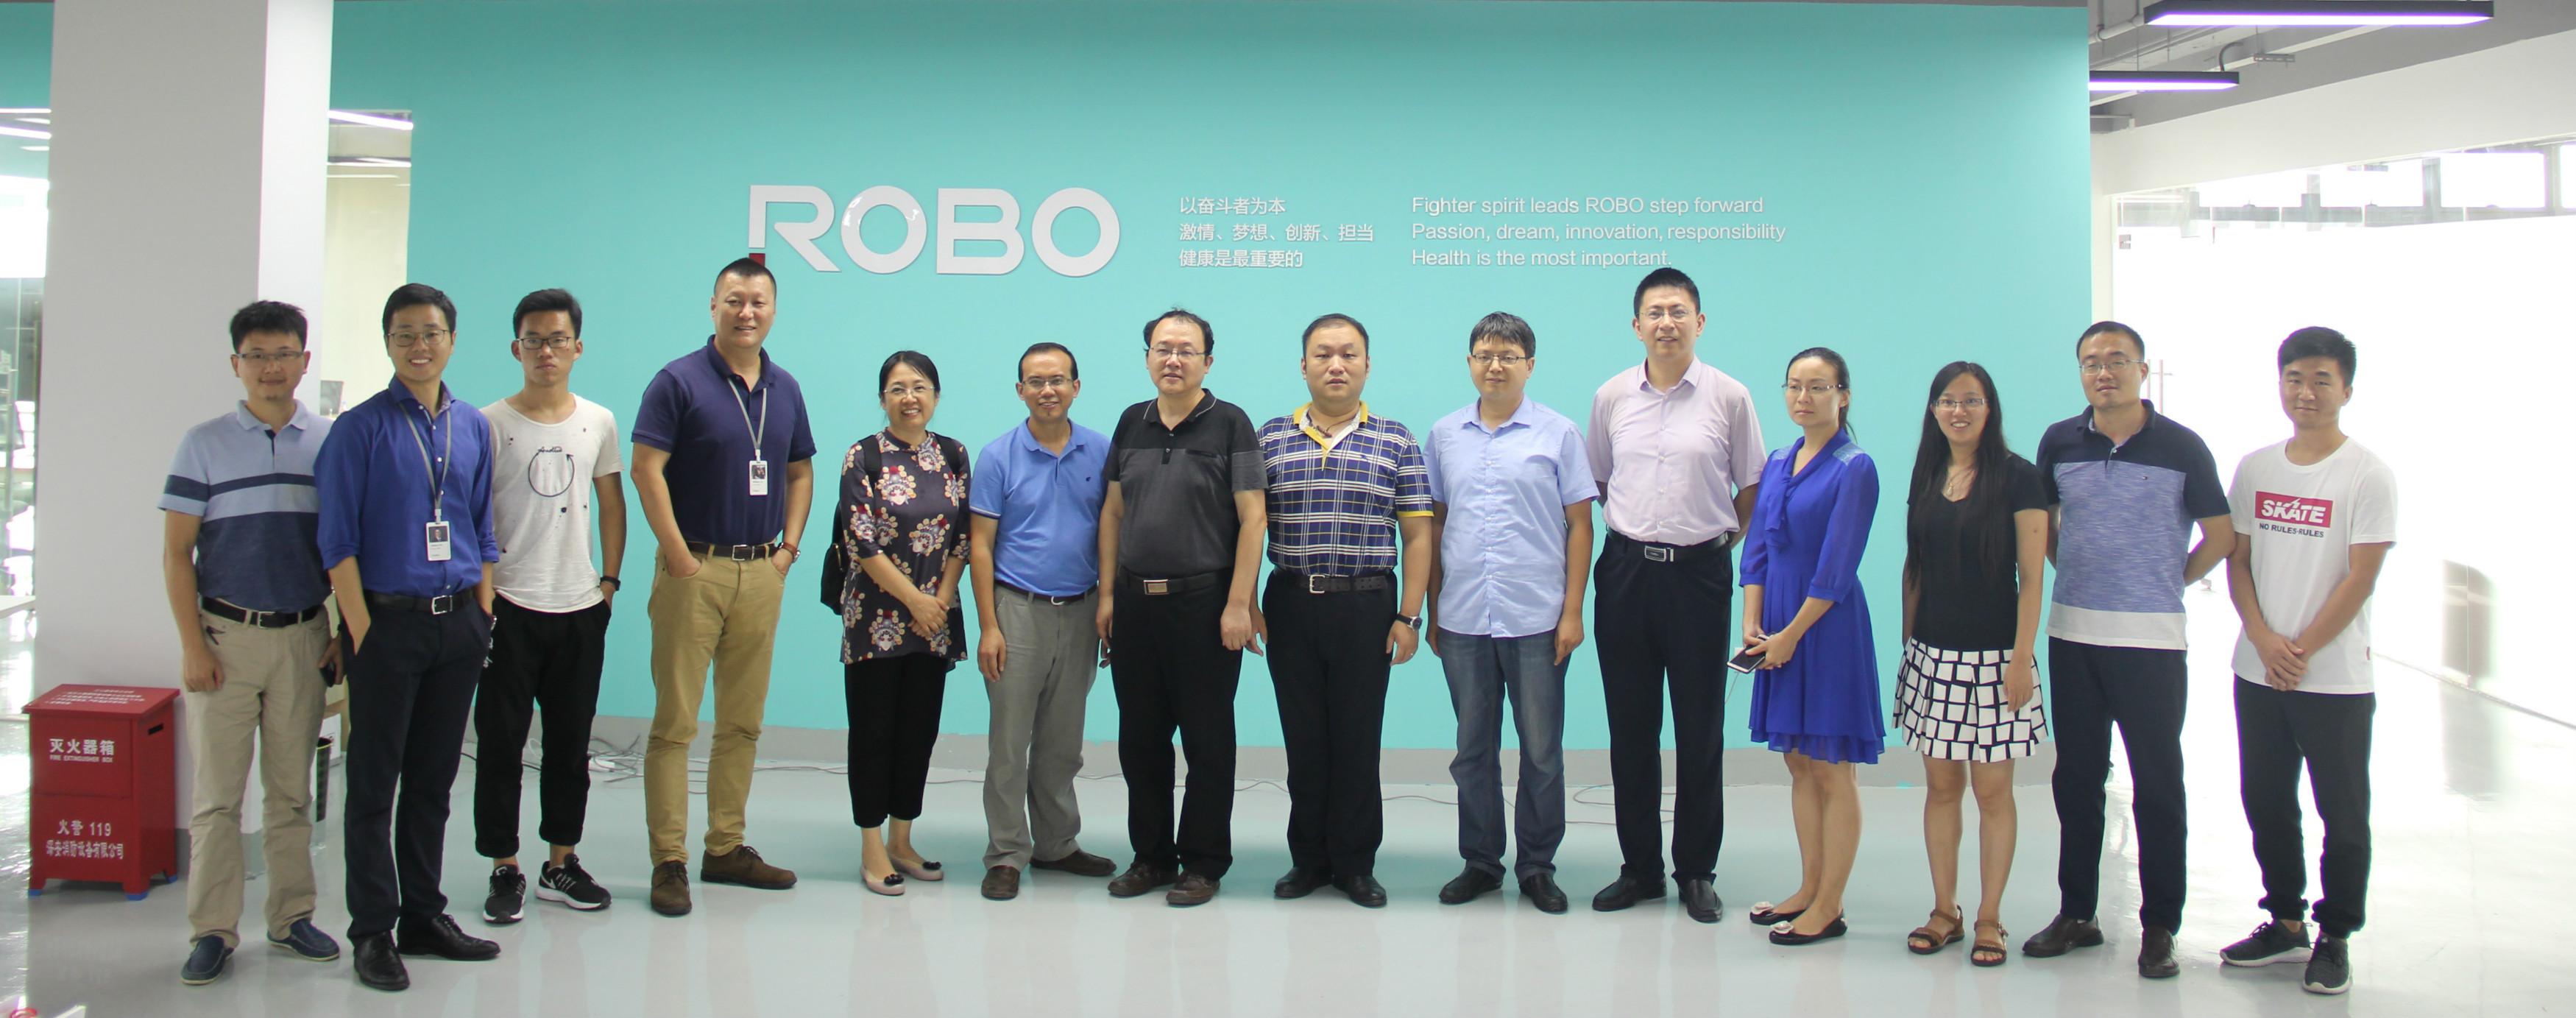 产学研医典范!康复机器人领域权威专家齐聚ROBO医疗